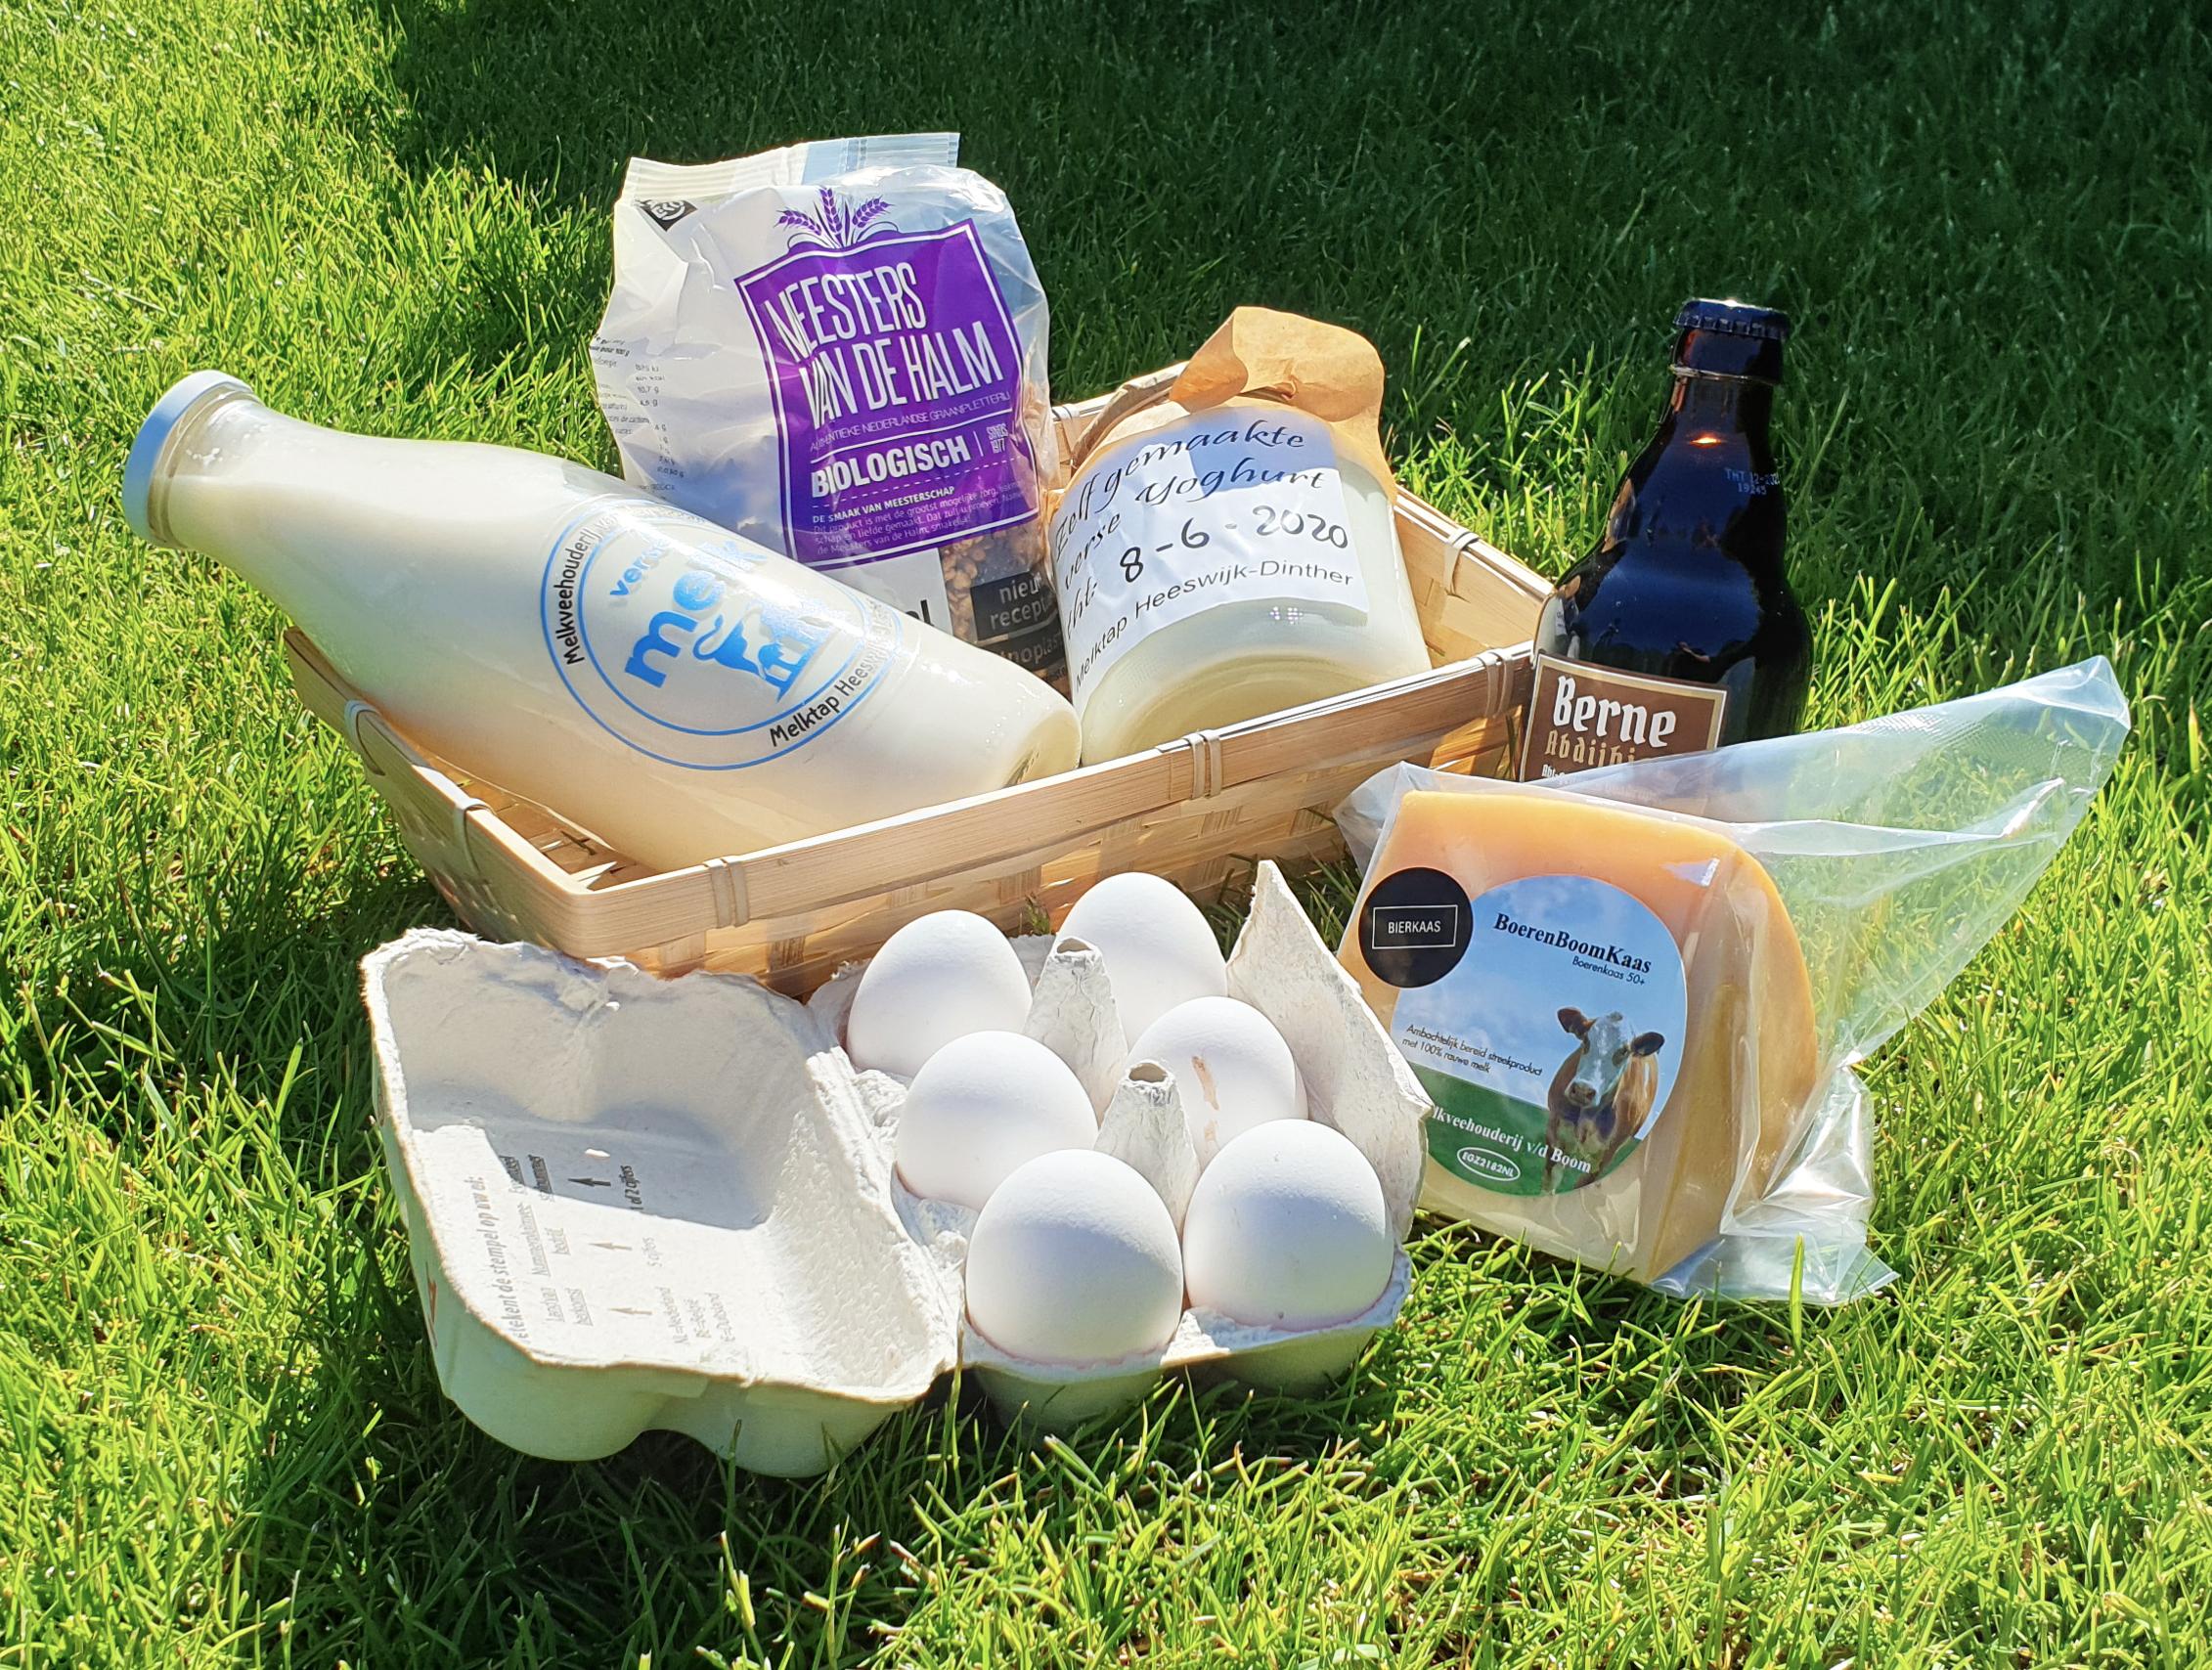 een cadeaupakket of een mooi relatiegeschenk, zelfs en kerstpakket, het is allemaal mogelijk bij melktap heeswijk dinther.